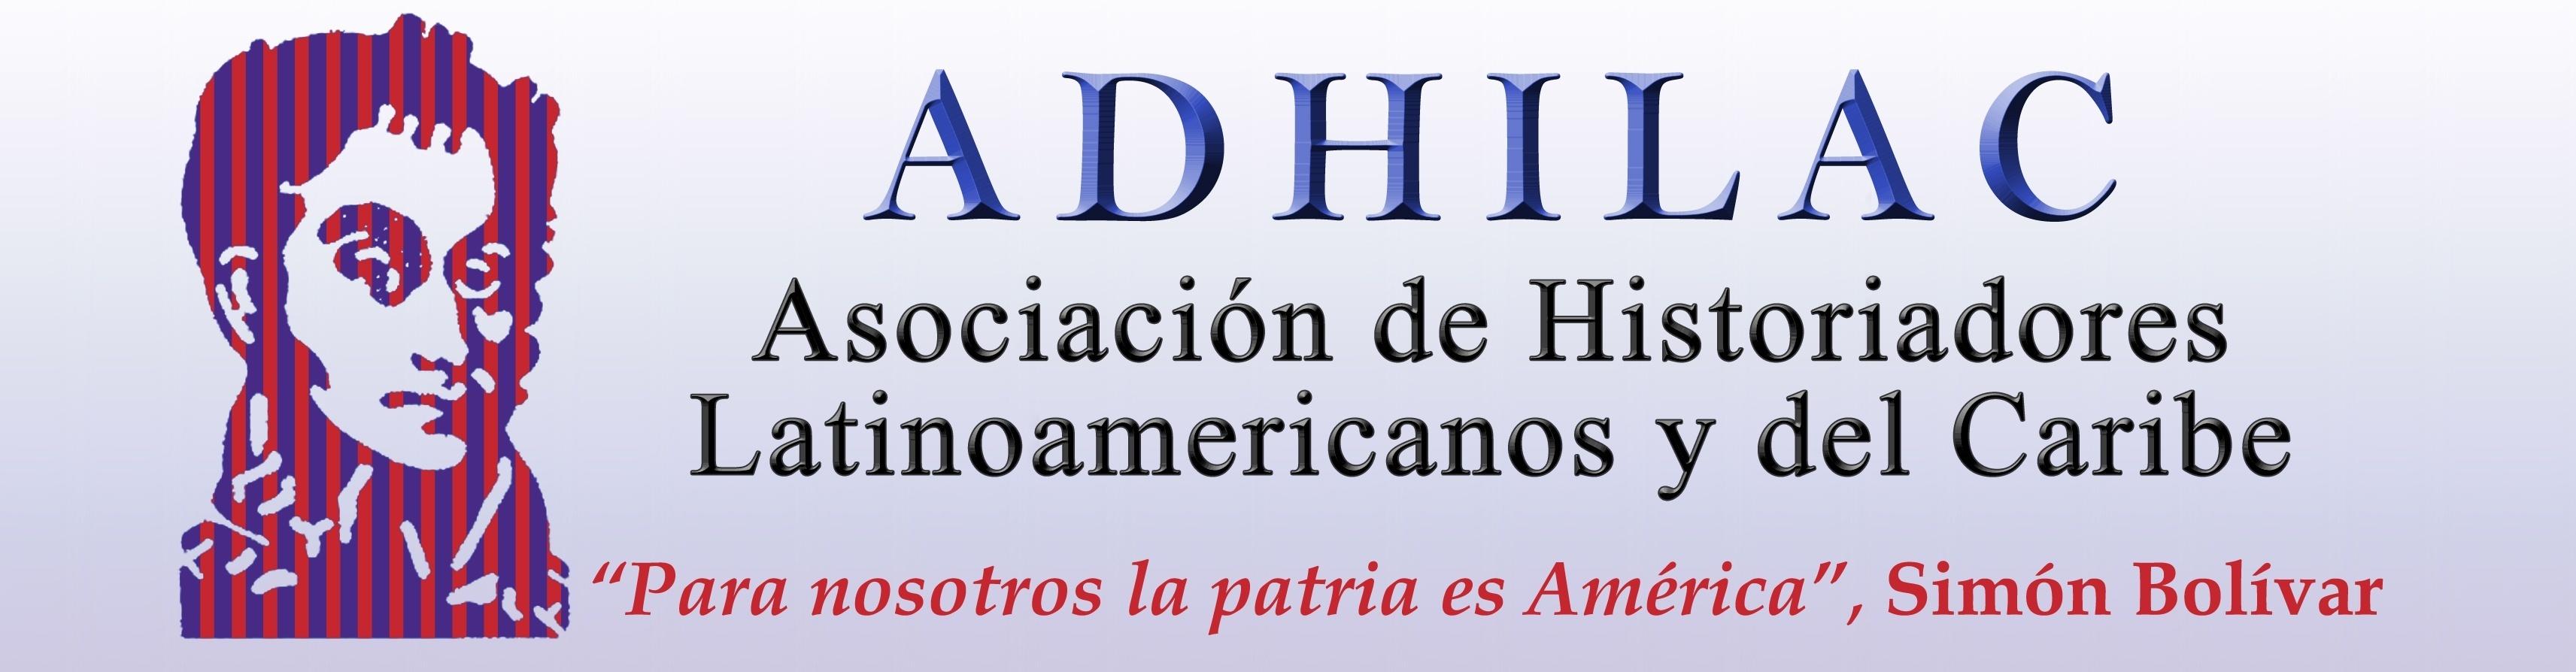 ADHILAC